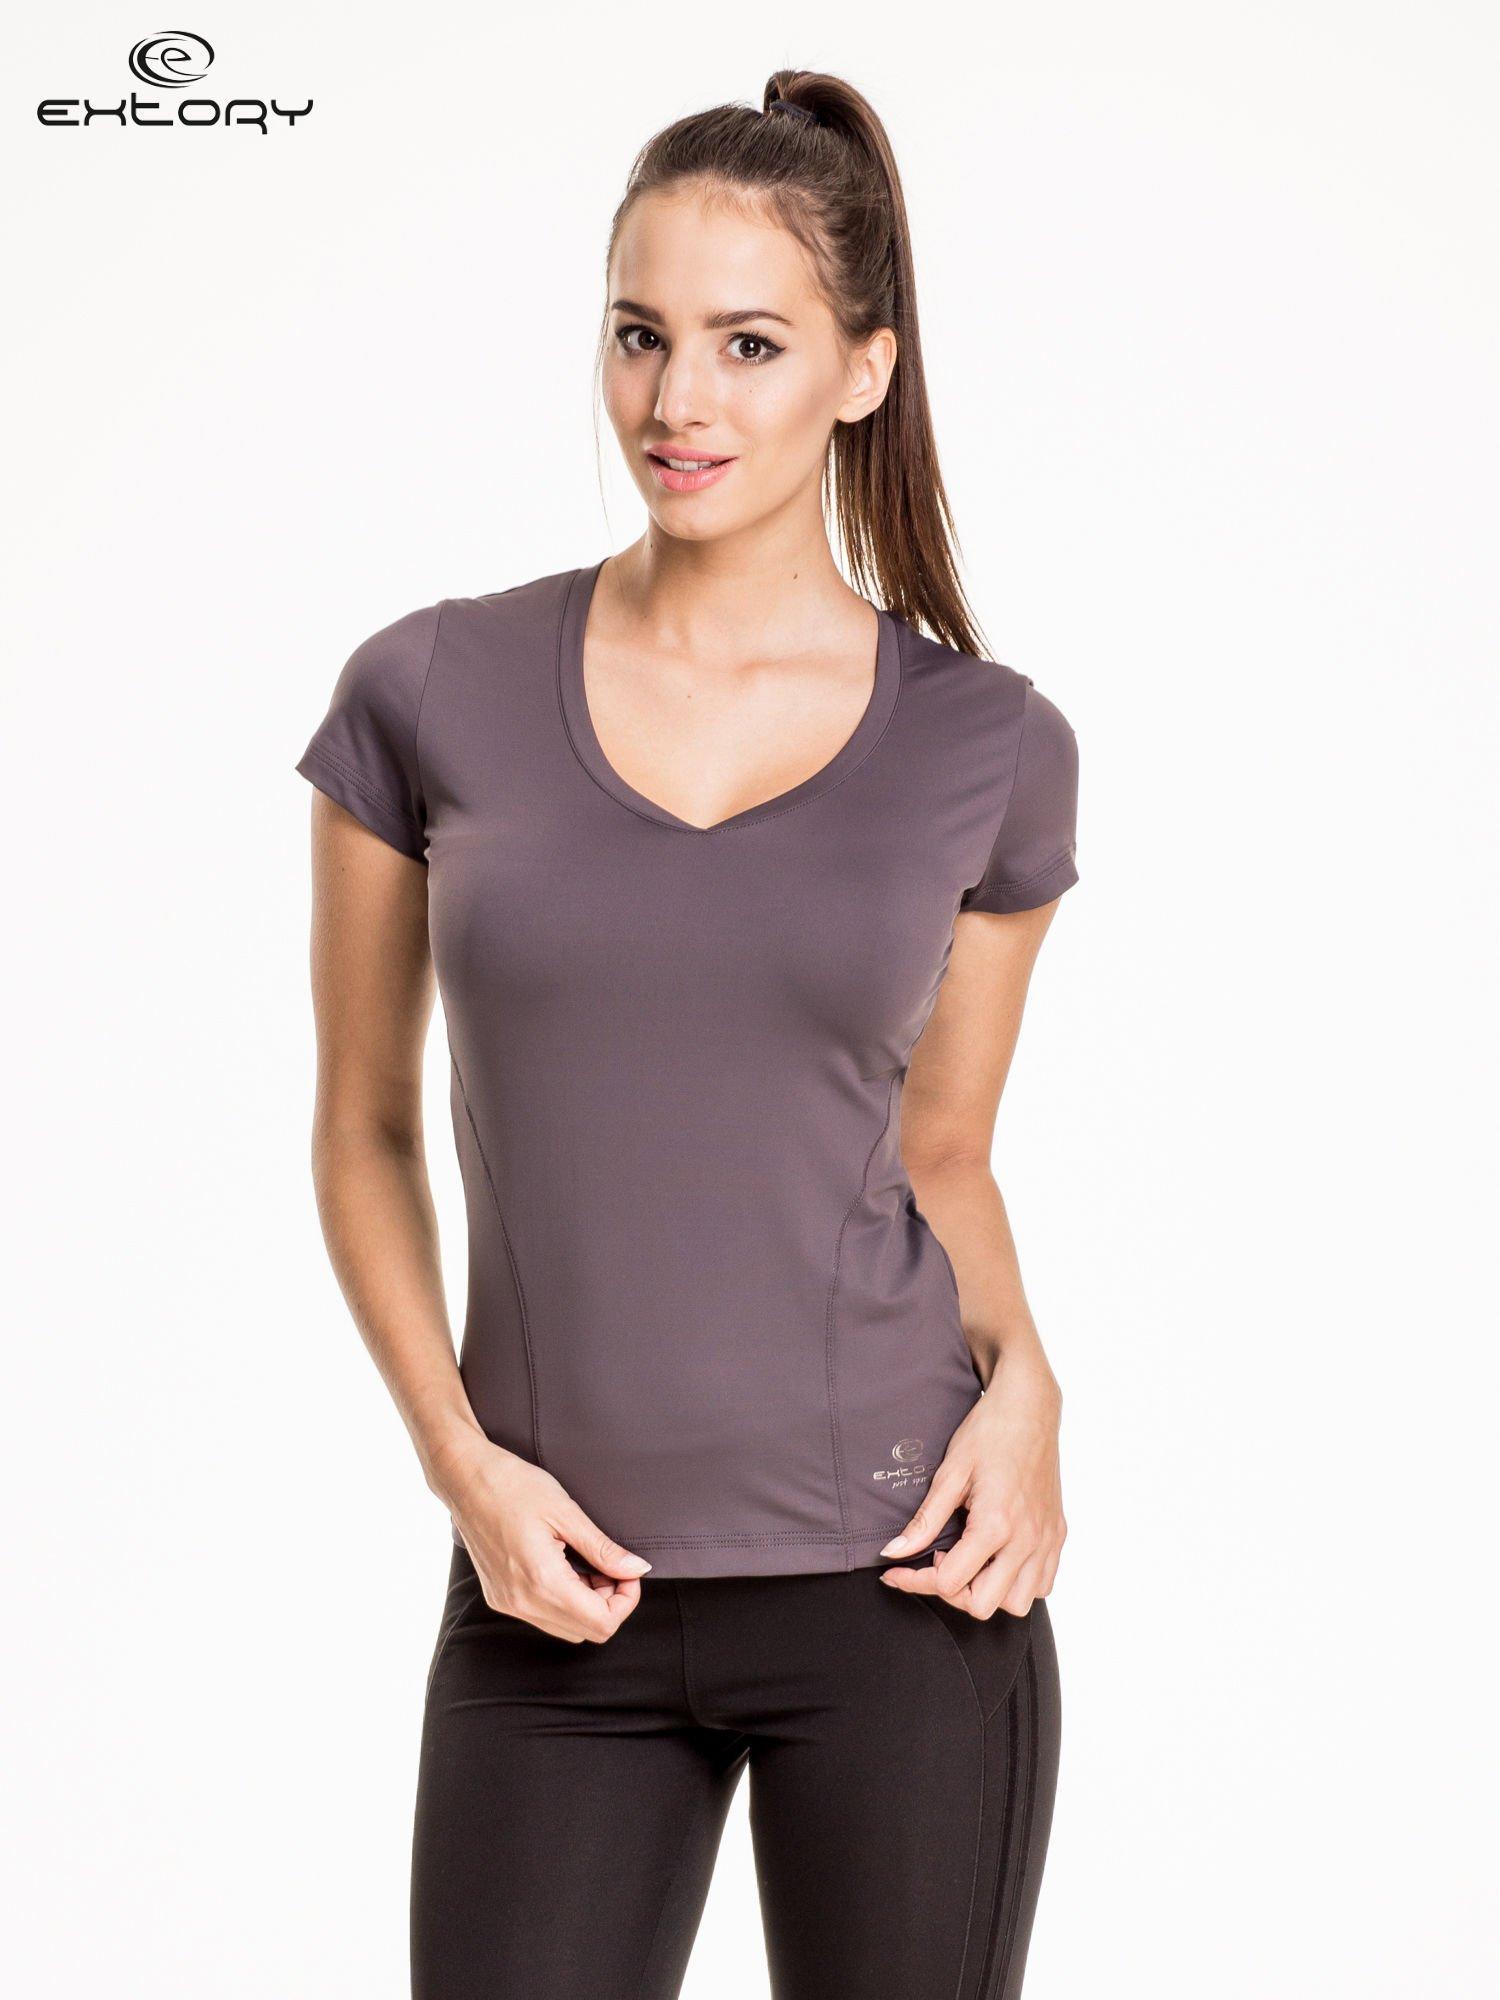 Szary modelujący damski t-shirt sportowy                                   zdj.                                  1